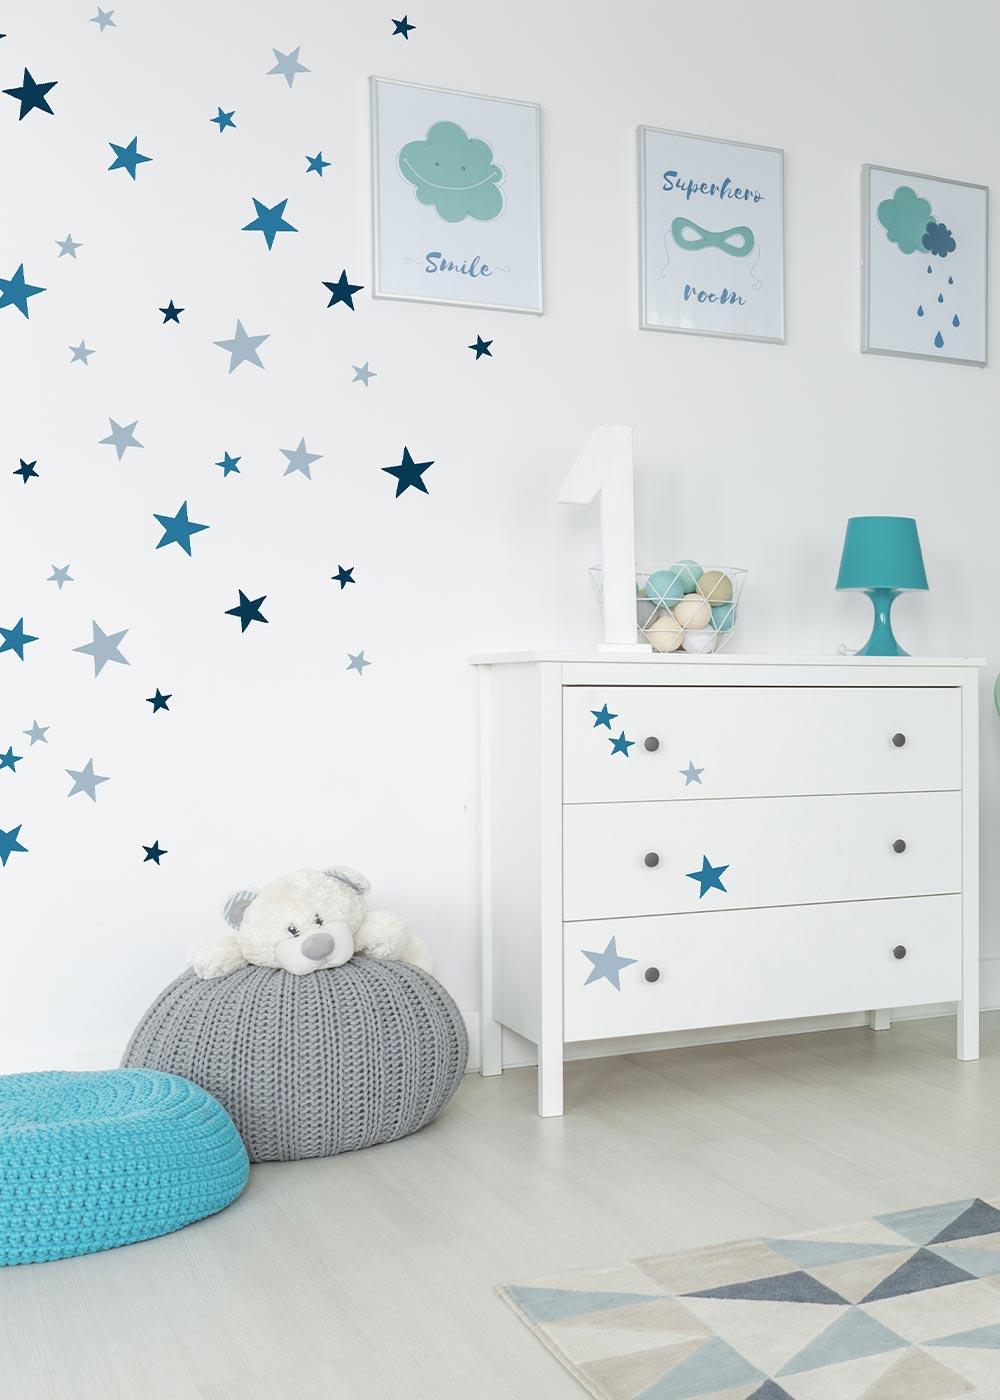 Stickerset Sterne blau